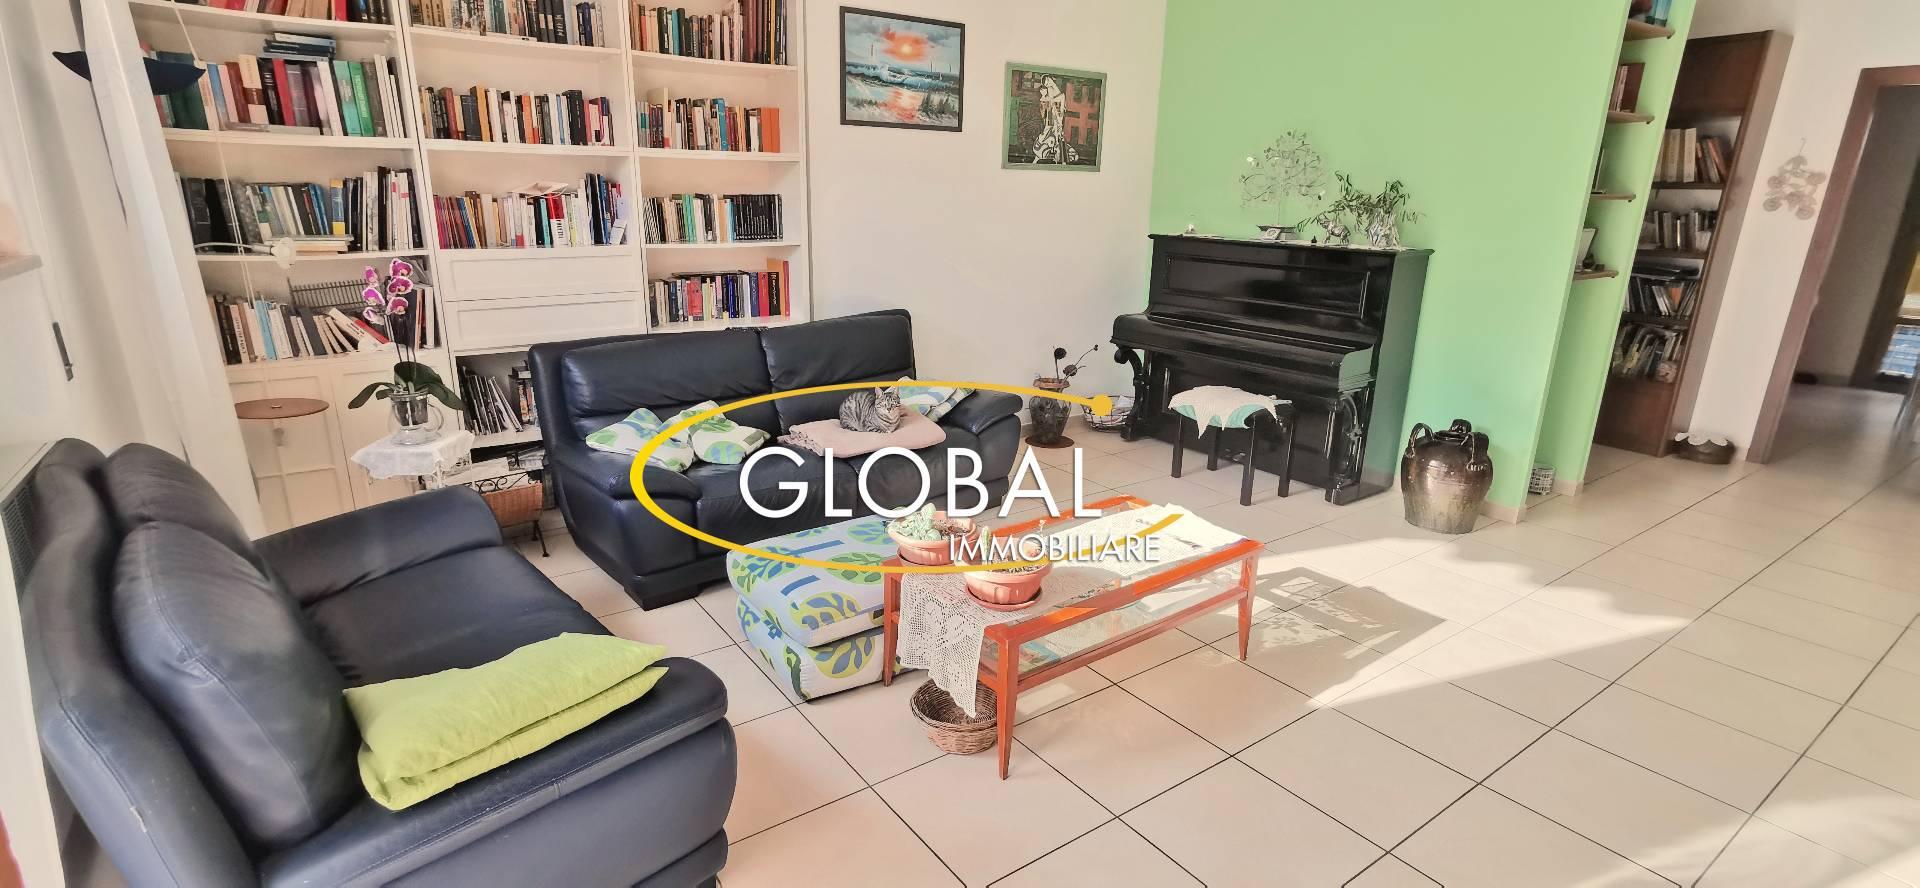 Appartamento in vendita a Ancona, 4 locali, zona Località: B.Bianche, prezzo € 210.000   PortaleAgenzieImmobiliari.it